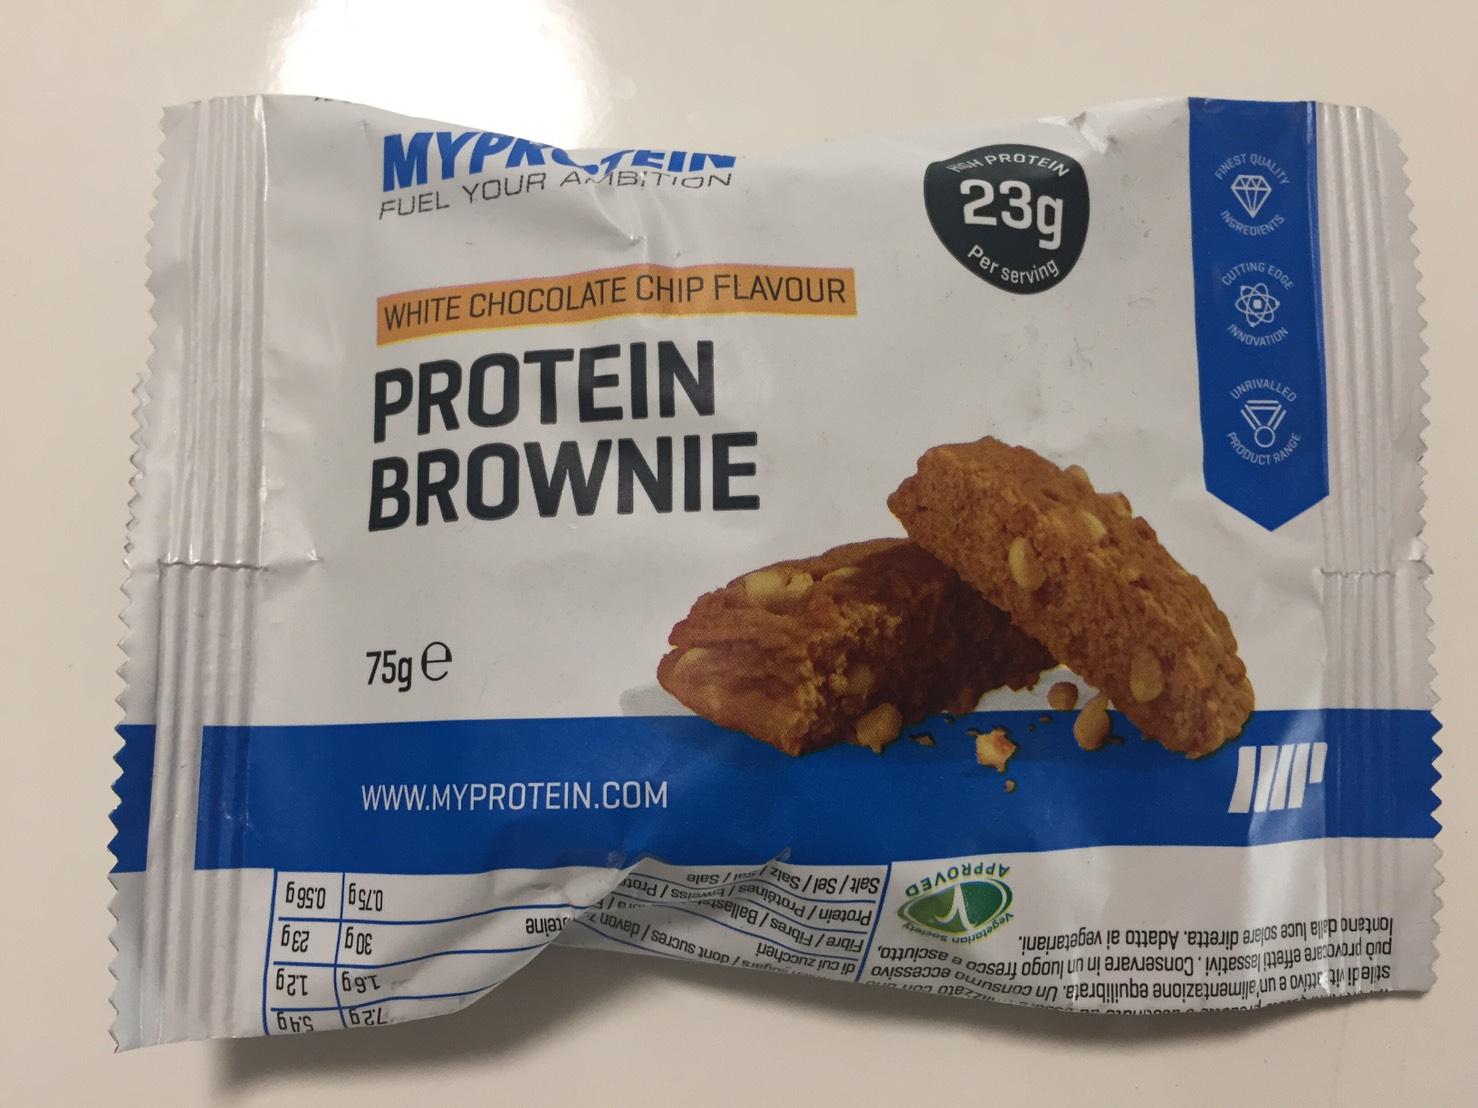 プロテイン・ブラウニー(Protein Brownie)「WHITE CHOCOLATE CHIP FLAVOUR(ホワイトチョコレートチップ味)」の成分表